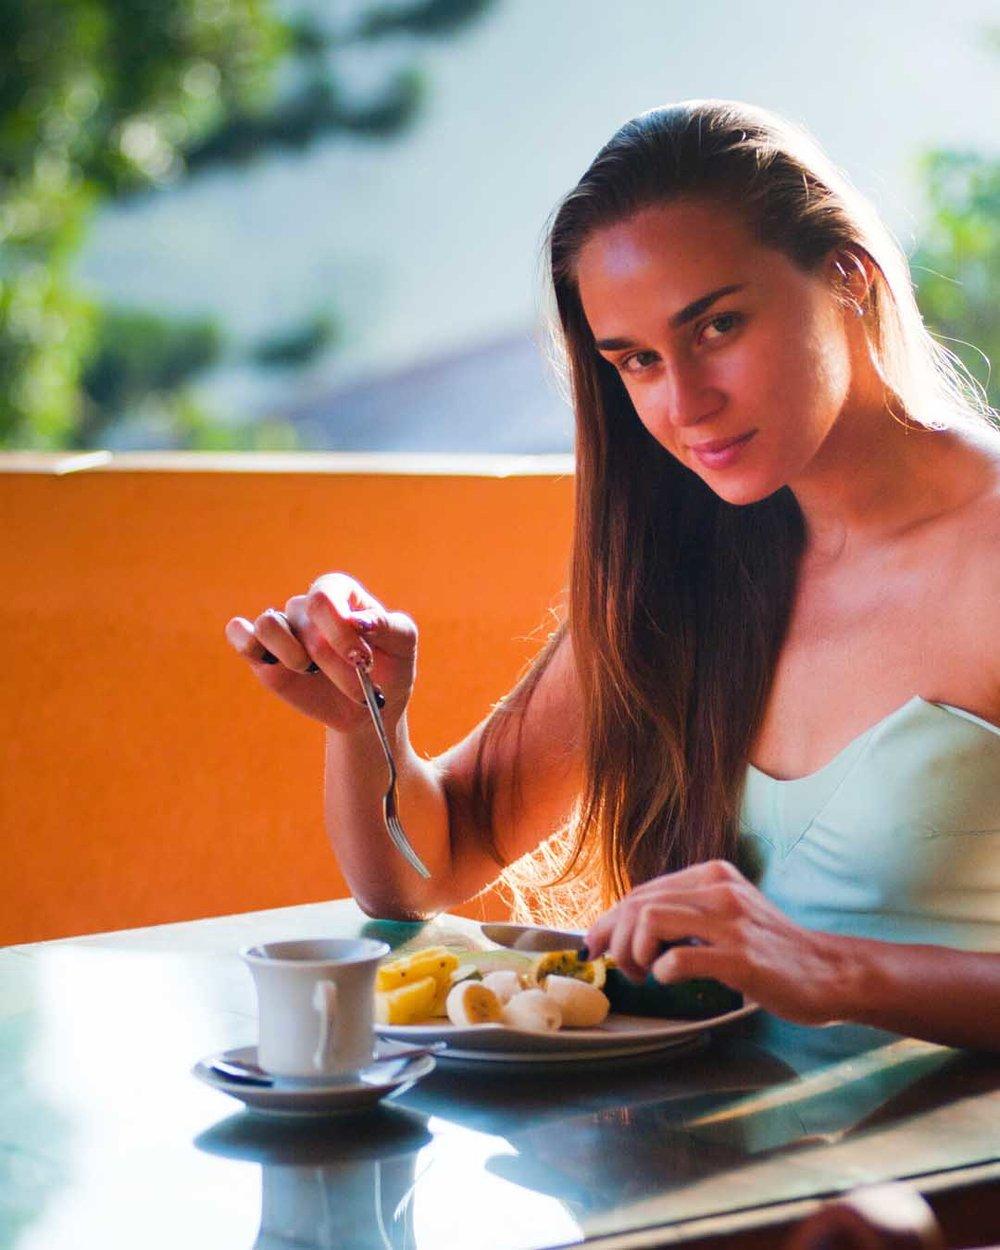 healthy diet 2.jpg